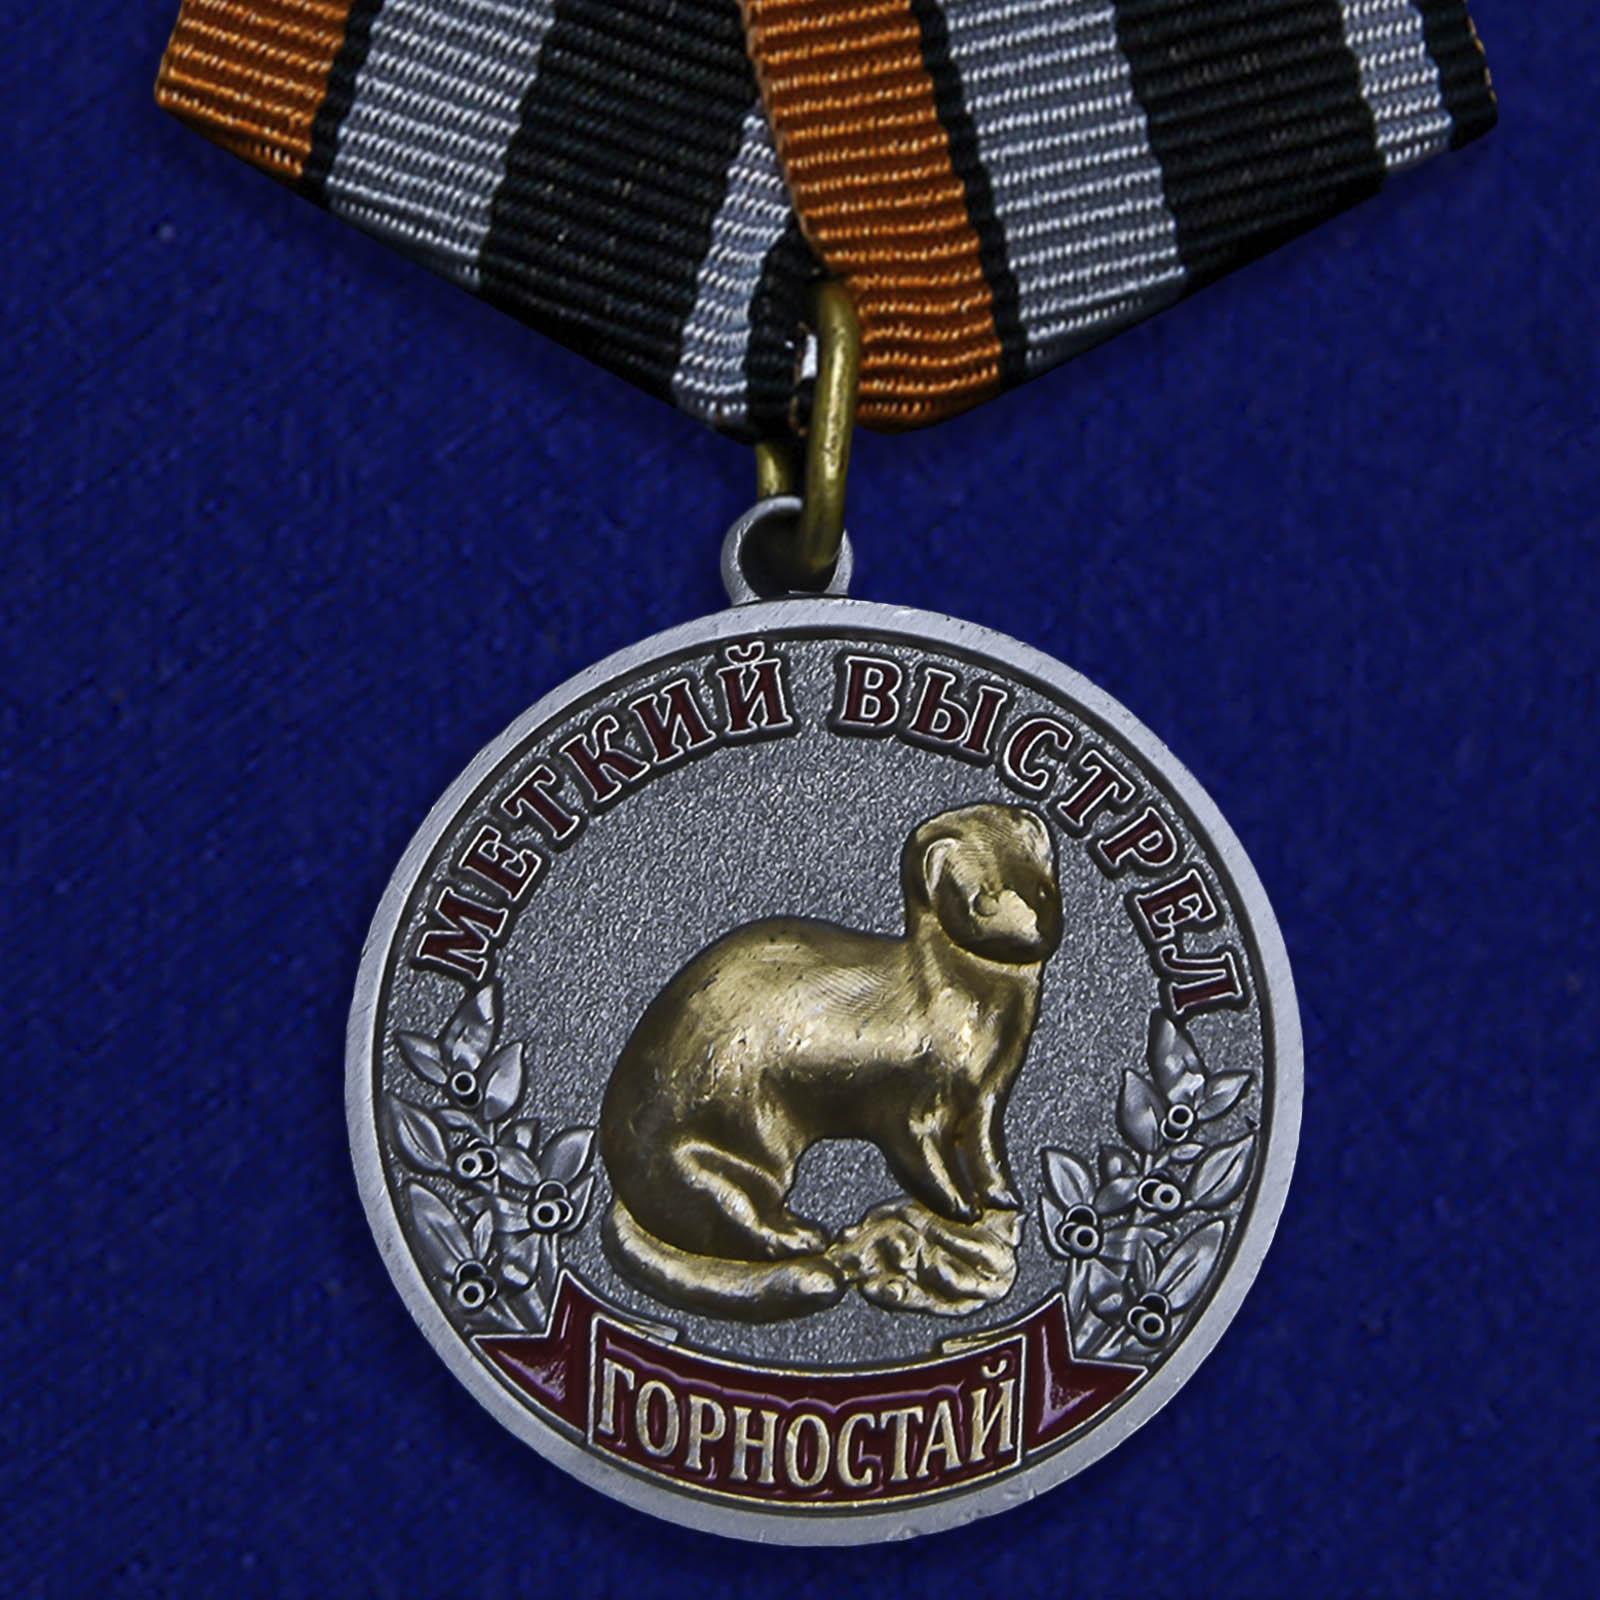 Медаль Меткий выстрел Горностай